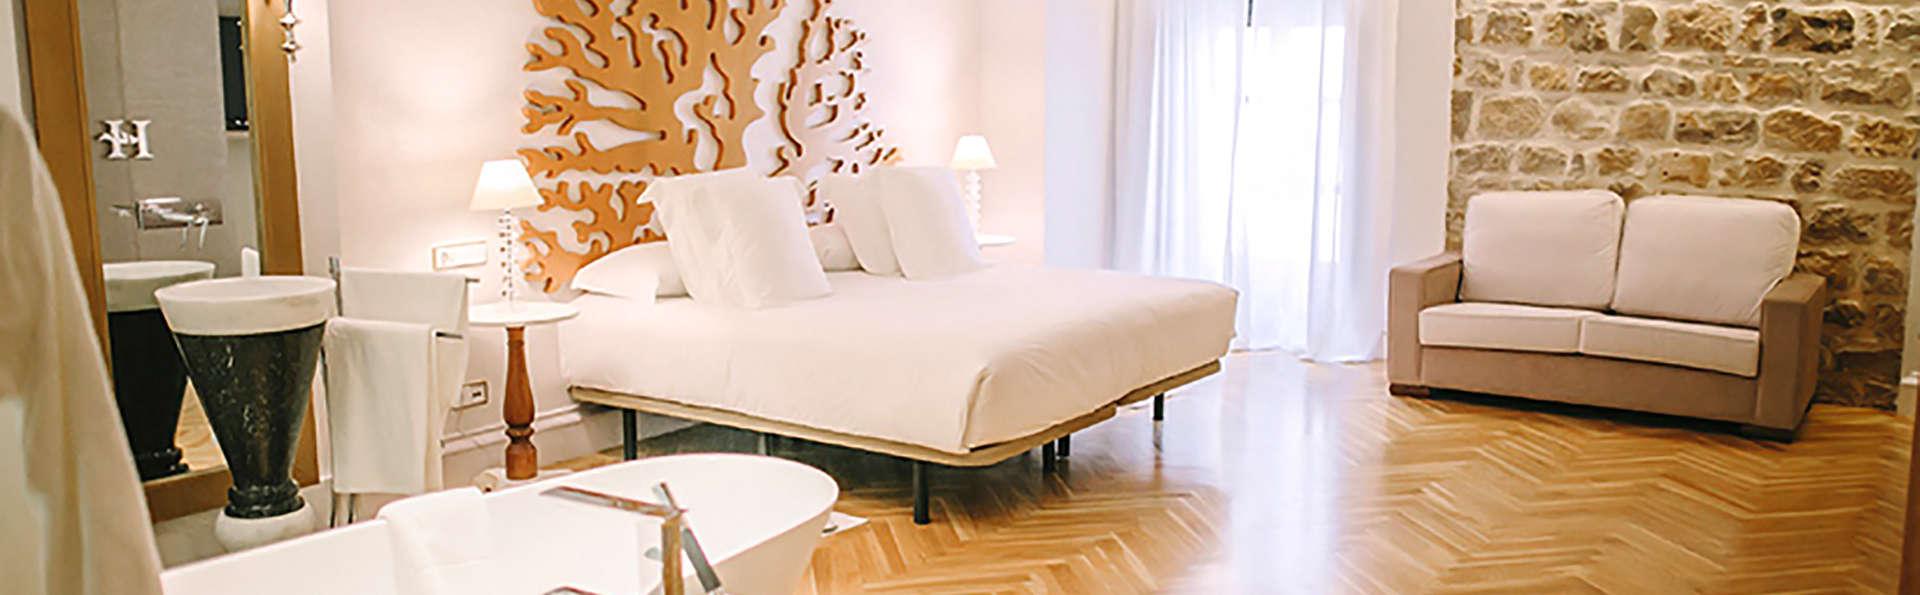 Gastronomía en la cuna del romanticismo: Hotel Palacio de Úbeda 5*